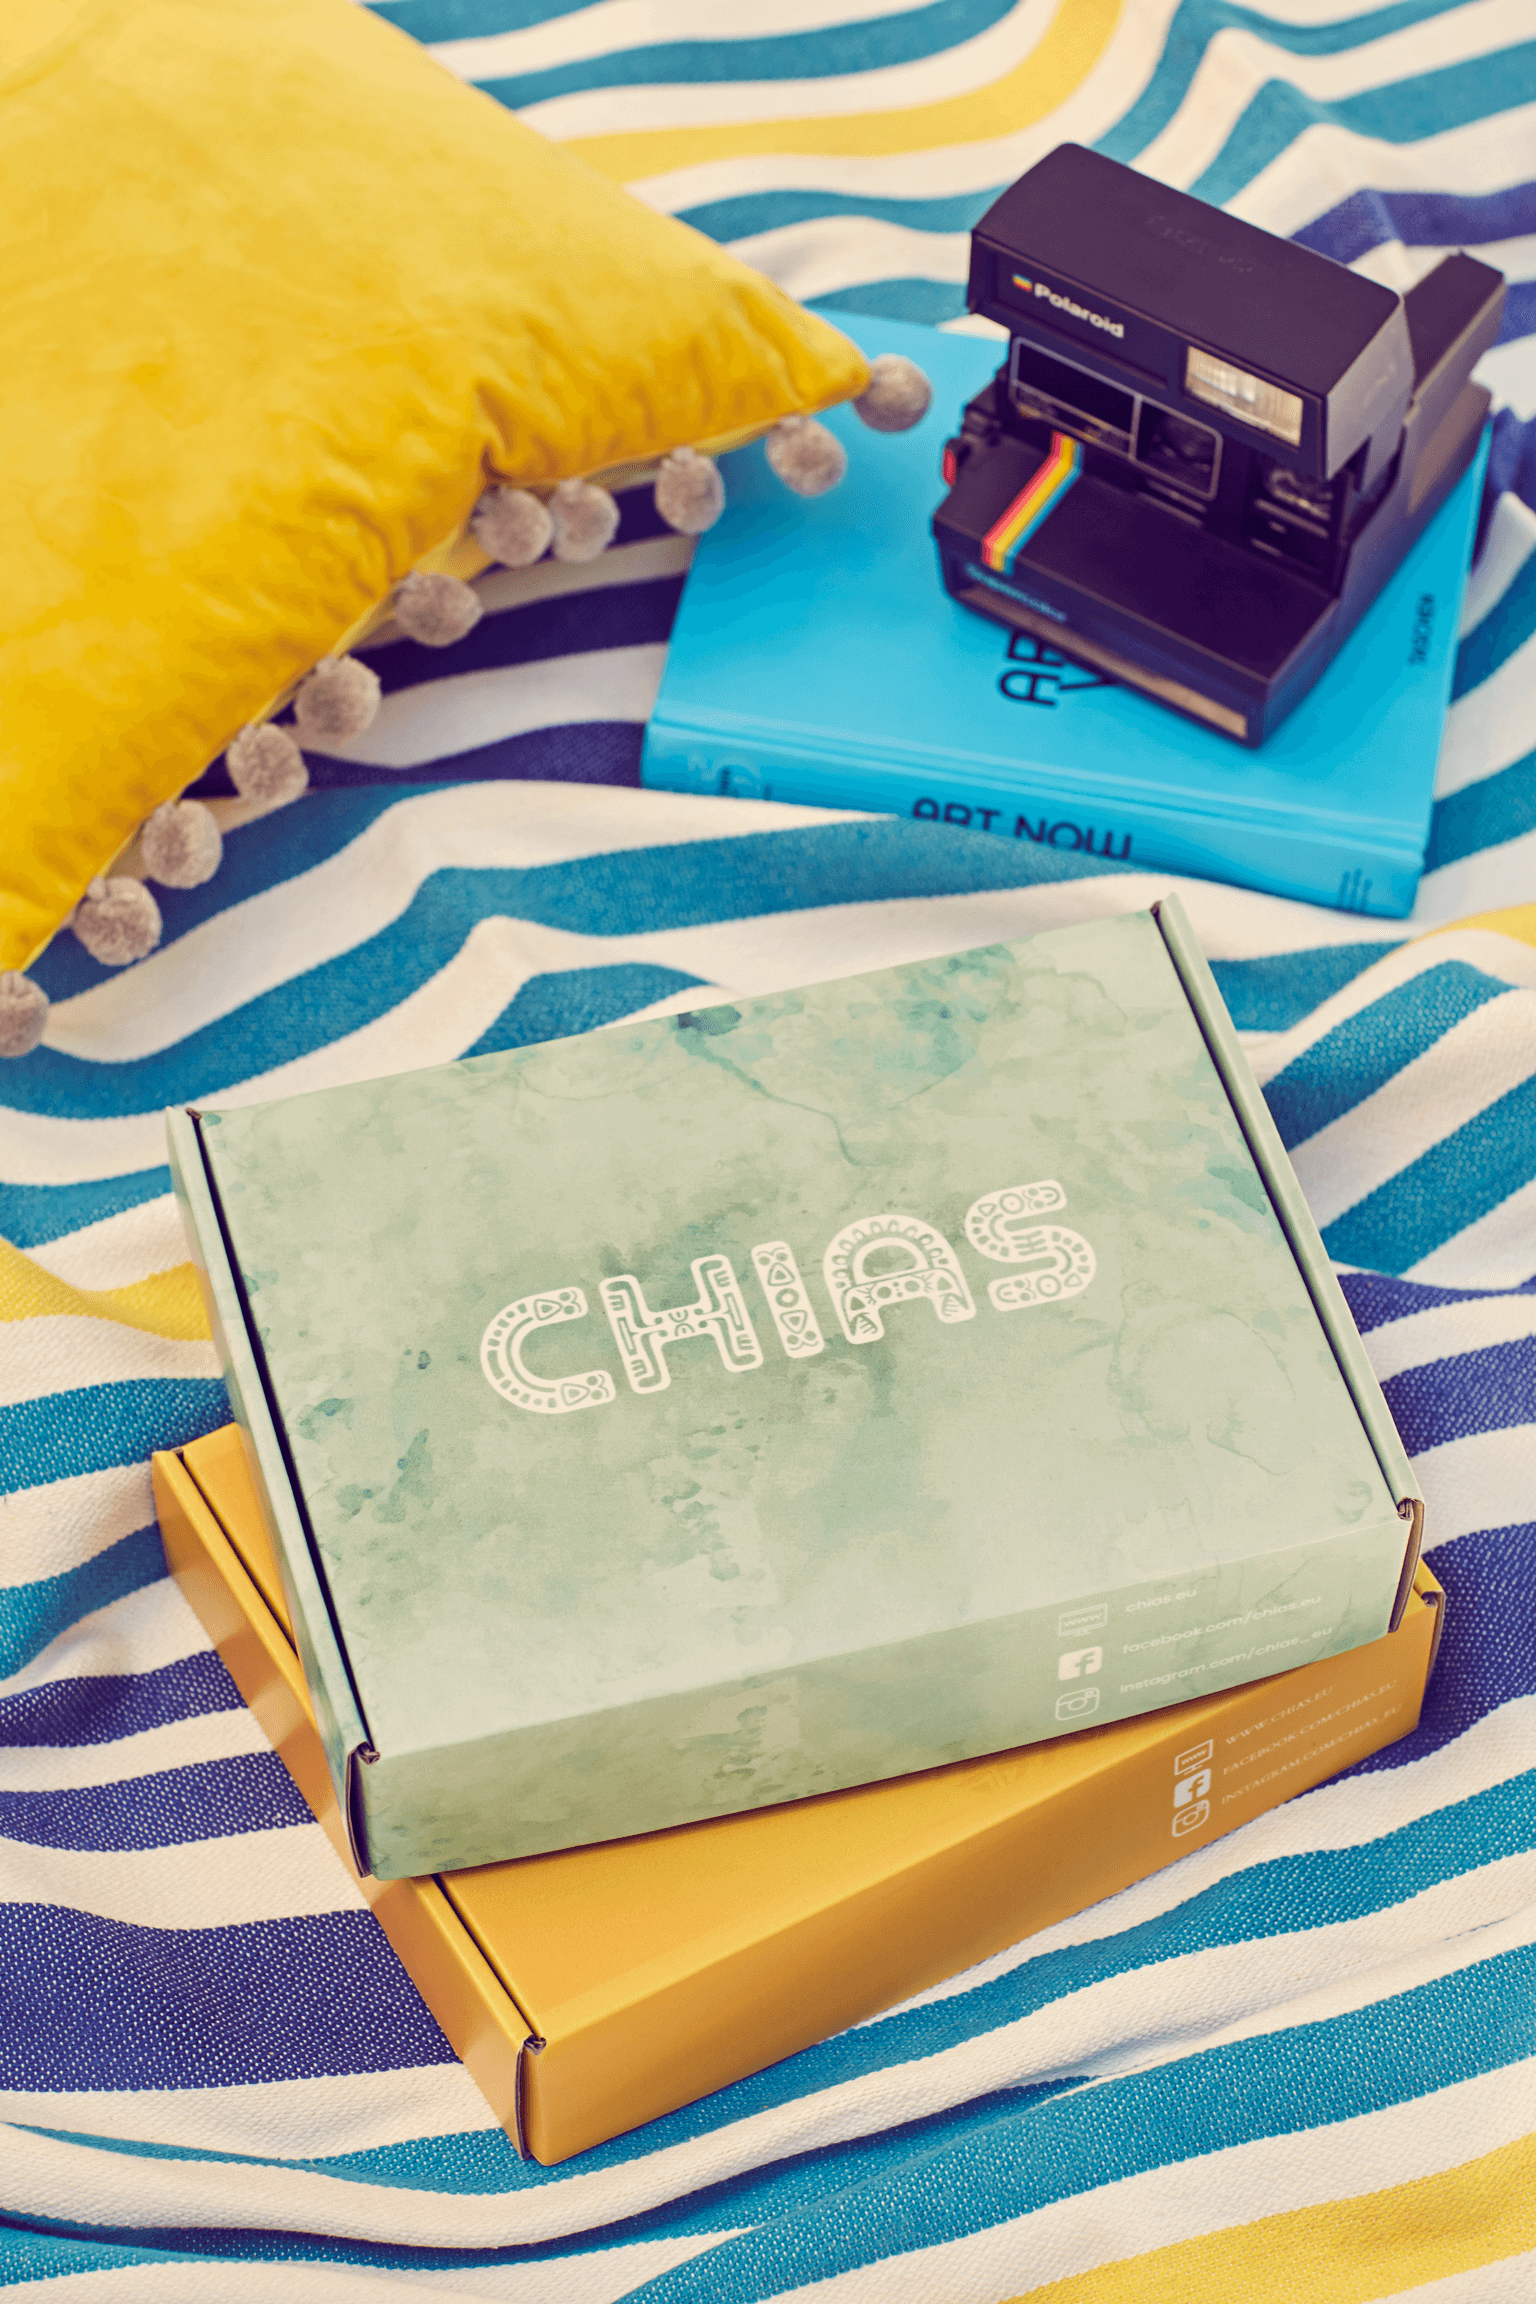 Chias förpackning